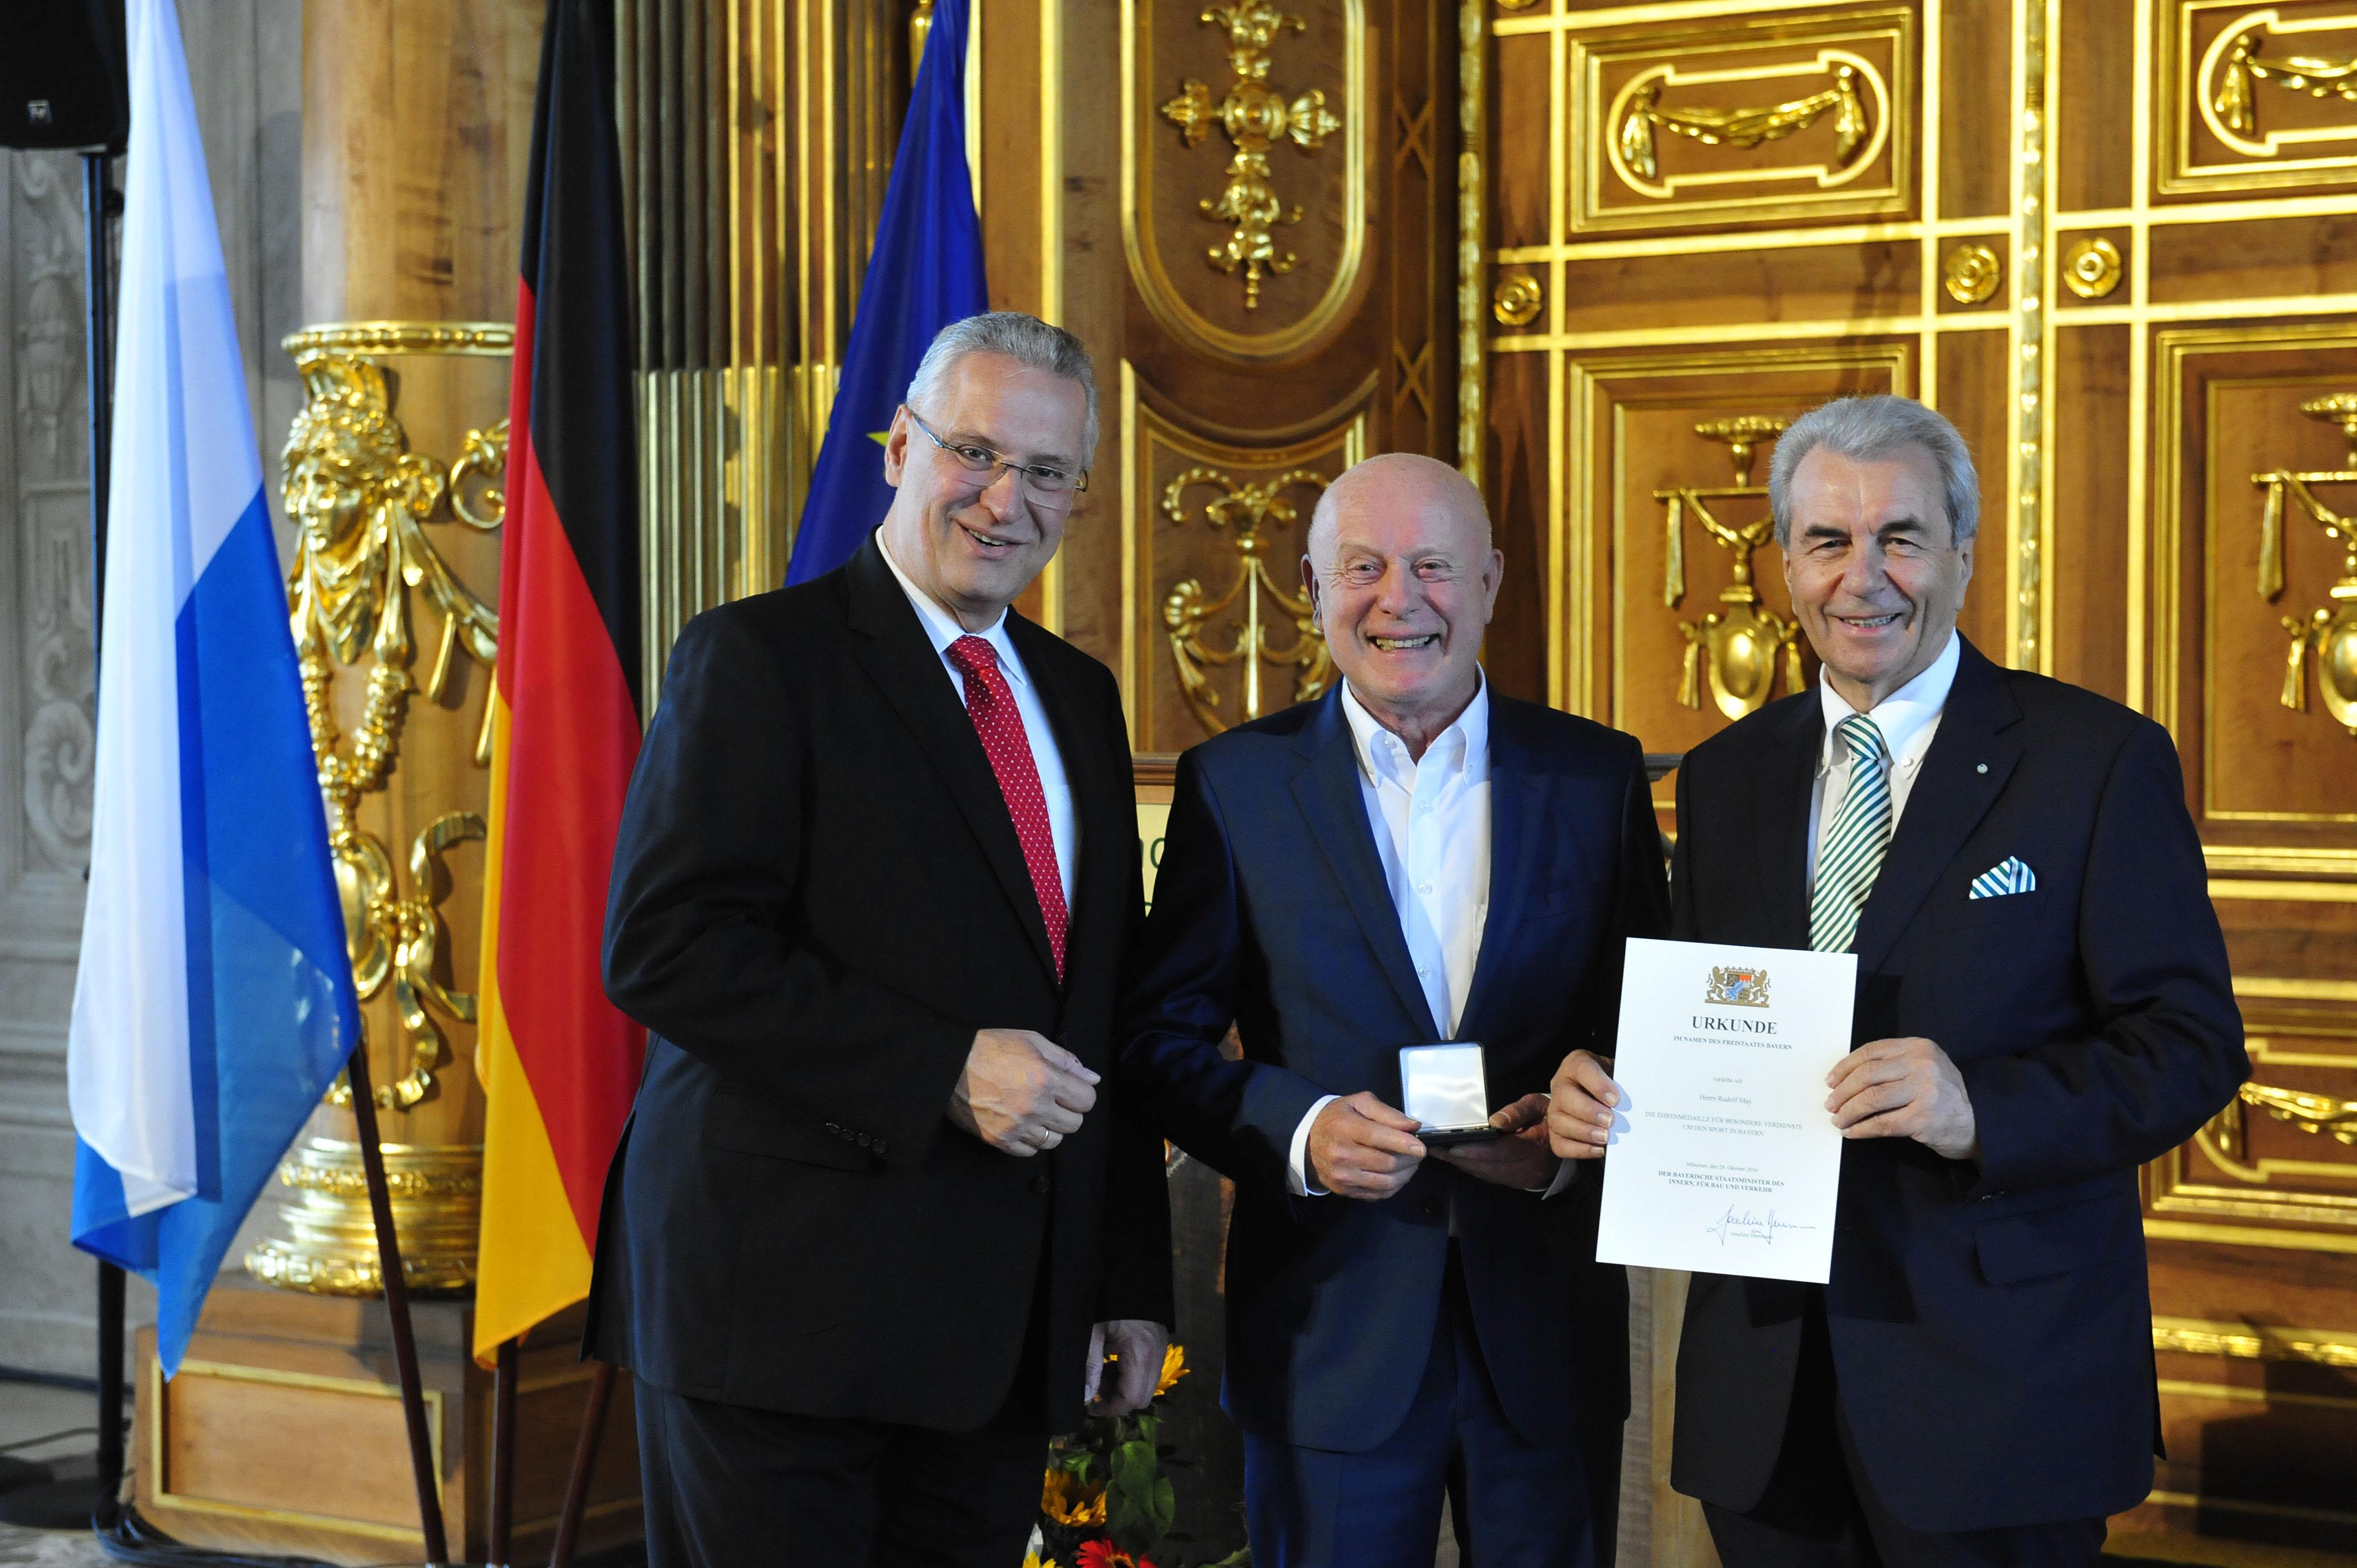 Verleihung der Ehrenmedaille für besondere Verdienste um den Sport im Goldenen Saal des Rathauses der Stadt Augsburg durch Innenminister Joachim Herrmann am 29.10.2016